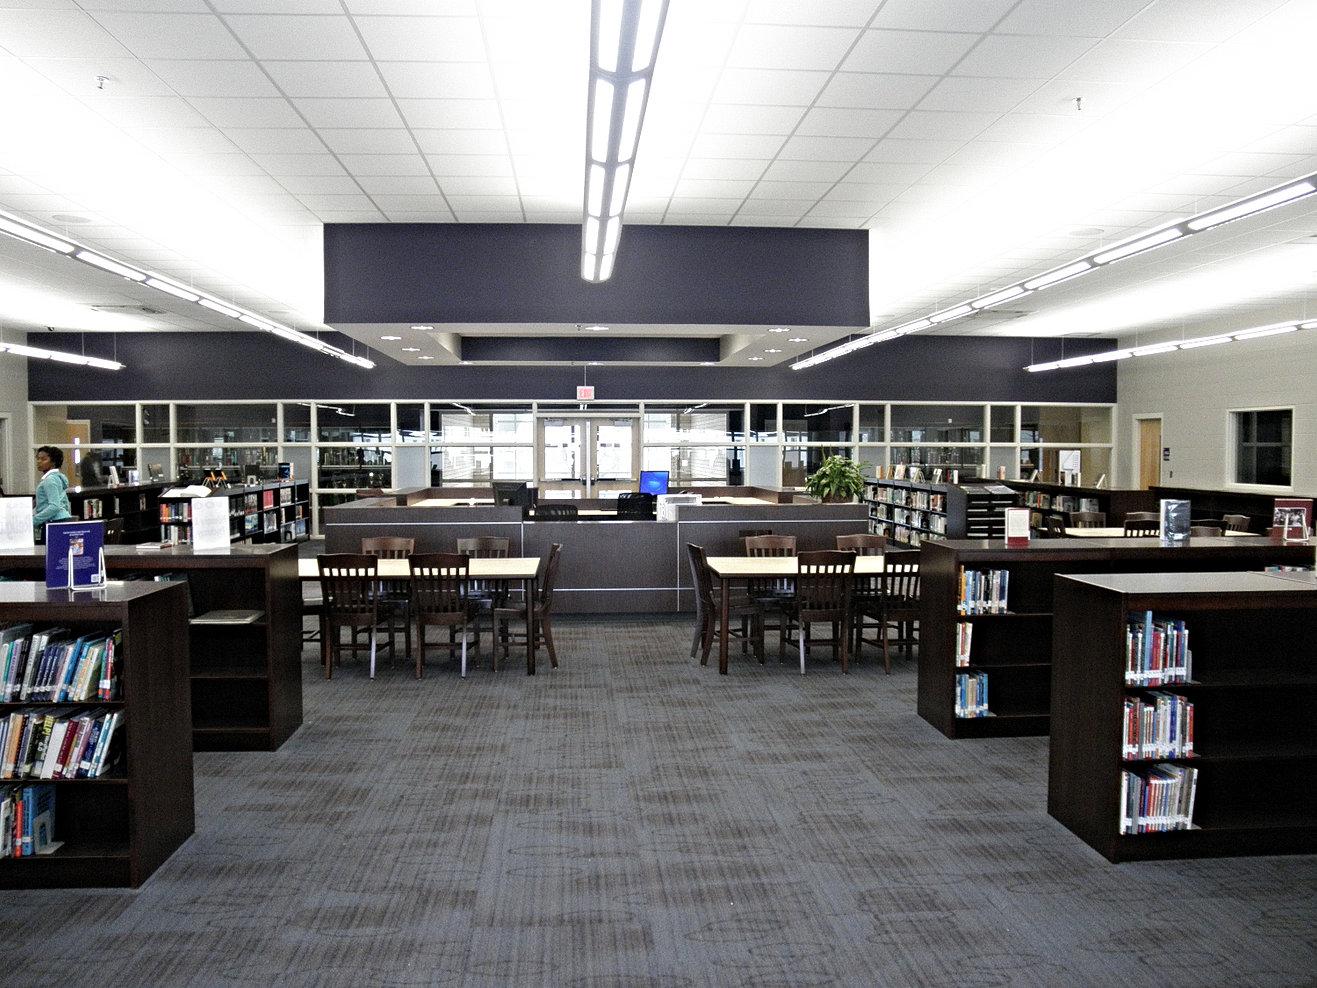 Architecture/Interior Design. Parker High School